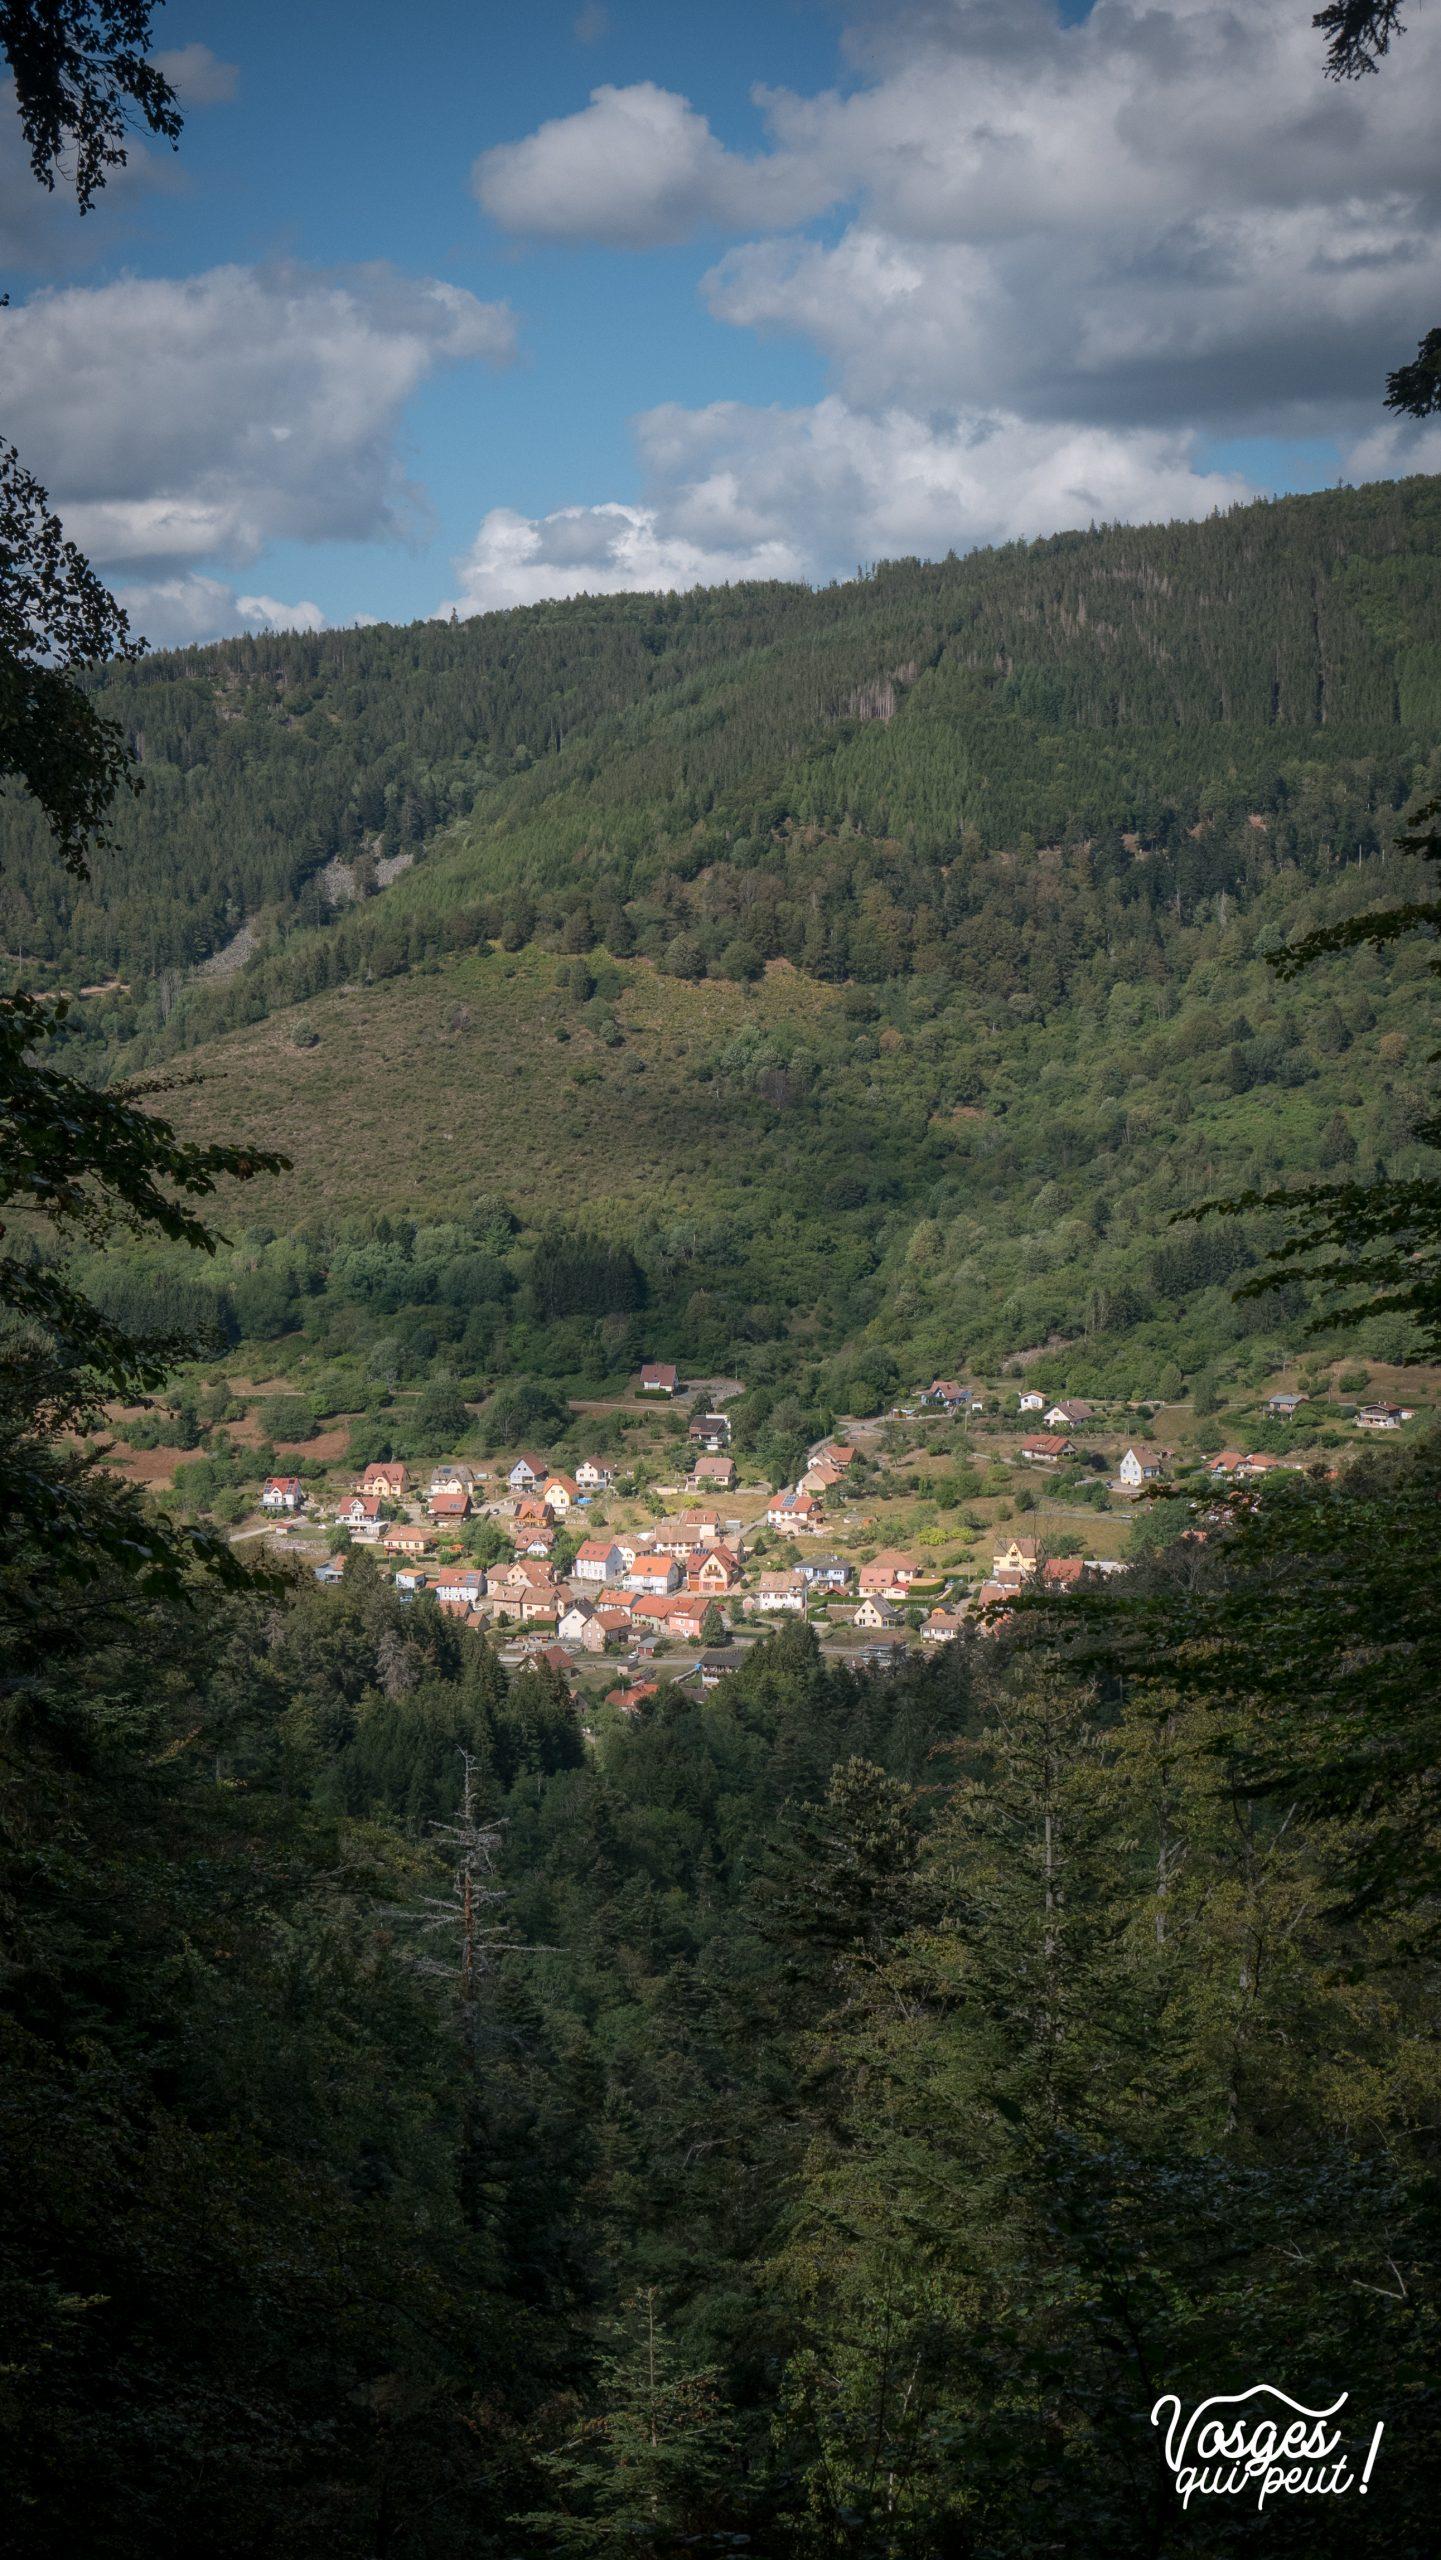 Le village de Natzwiller vu depuis la Grotte du Déserteur dans la vallée de la Bruche